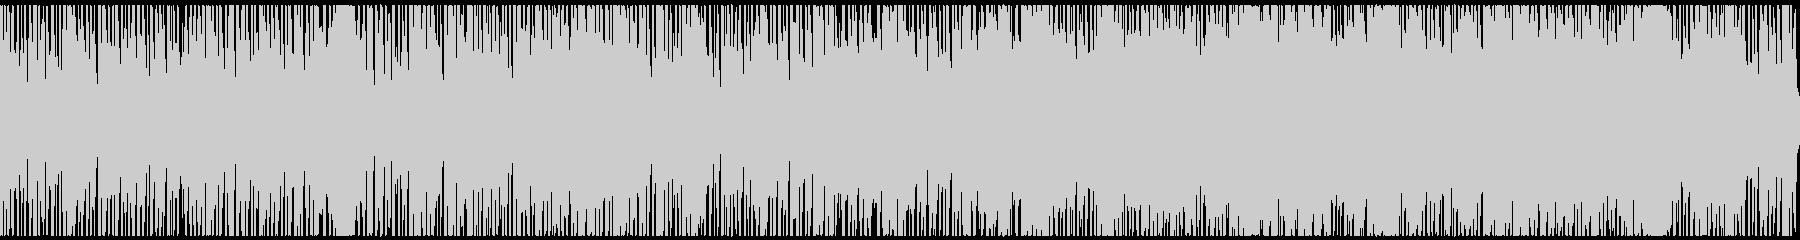 日常系・スキップするような明るいBGMの未再生の波形